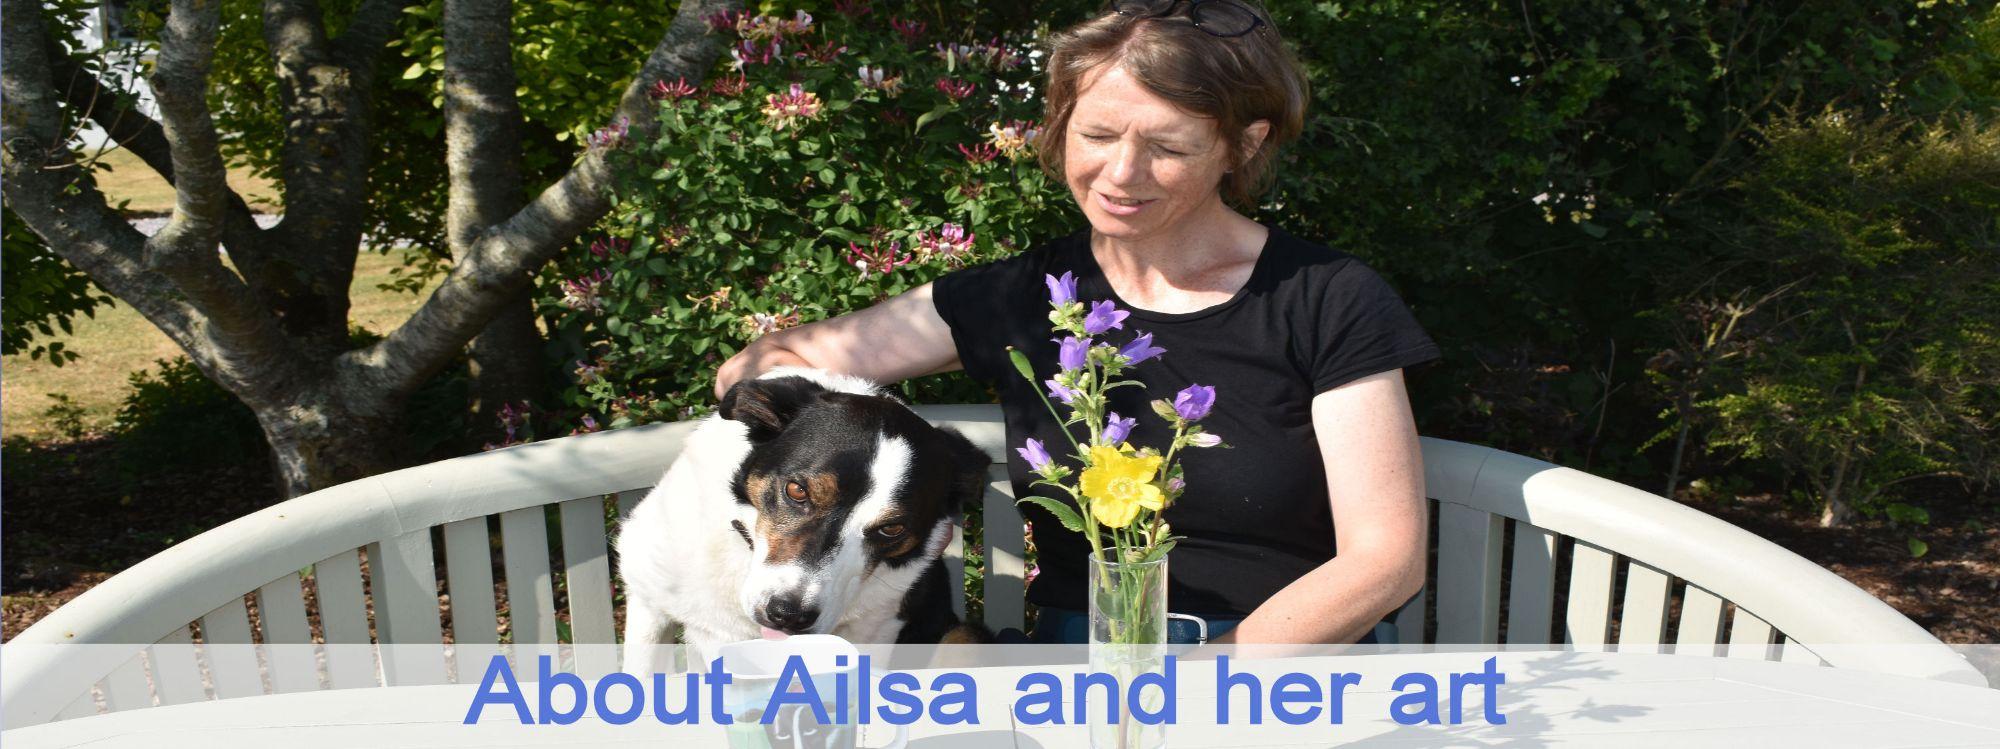 about ailsa